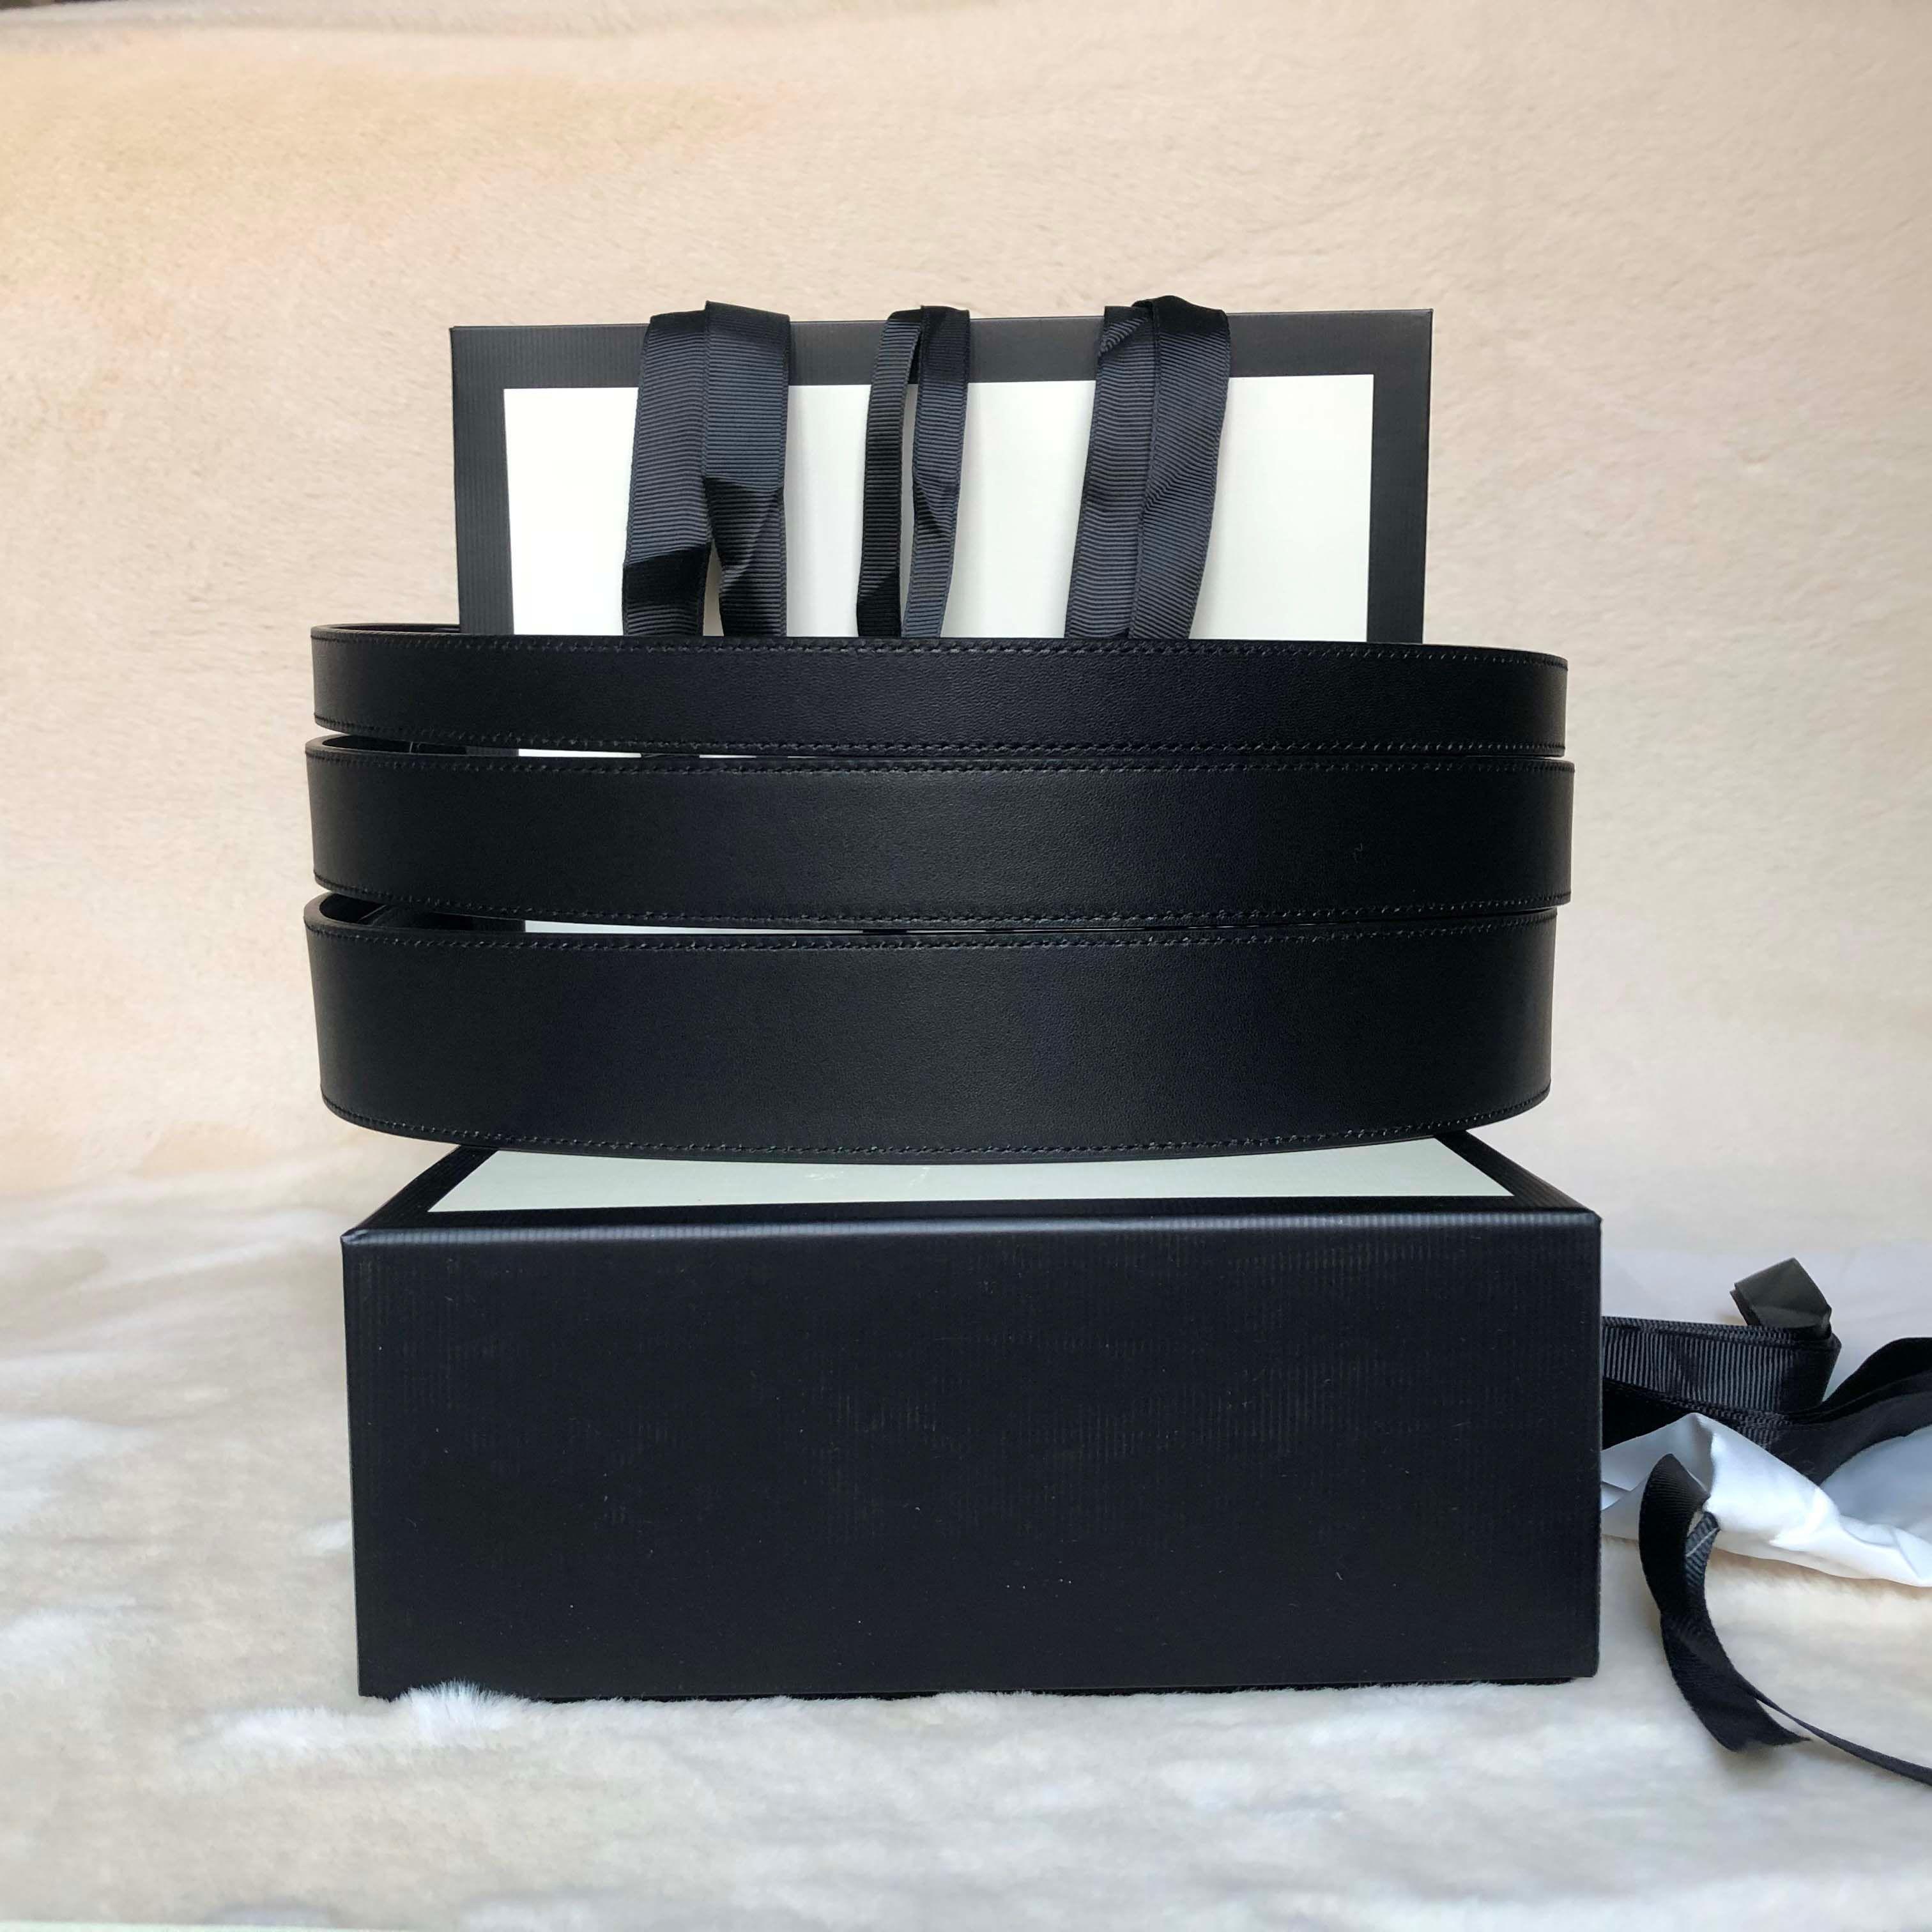 2021 Cintura classica di alta qualità 6 colori Cintura con fibbia con scatola Fashion Differenti larghezze Genuine Pelle Pelle Designer Cinture 1688